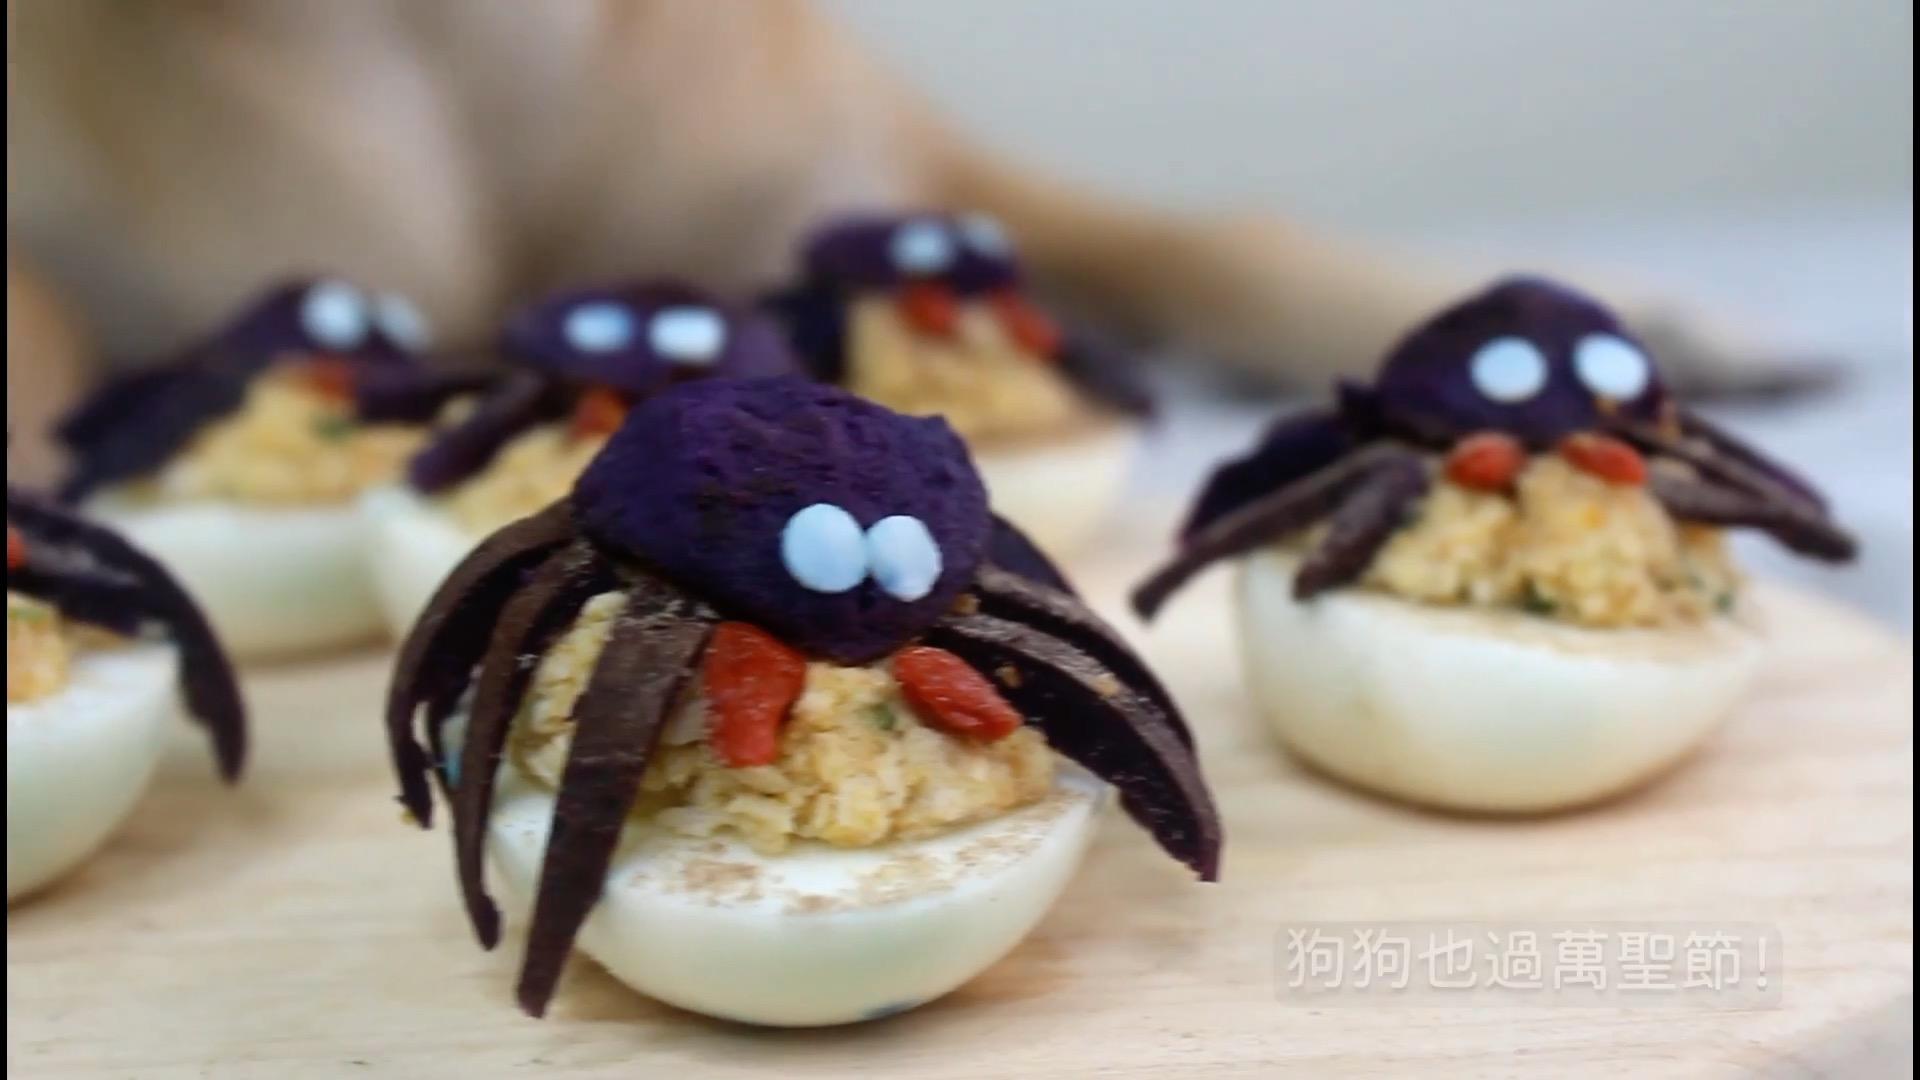 將一部份紫薯切條,一部份壓成泥,製作蜘蛛身體